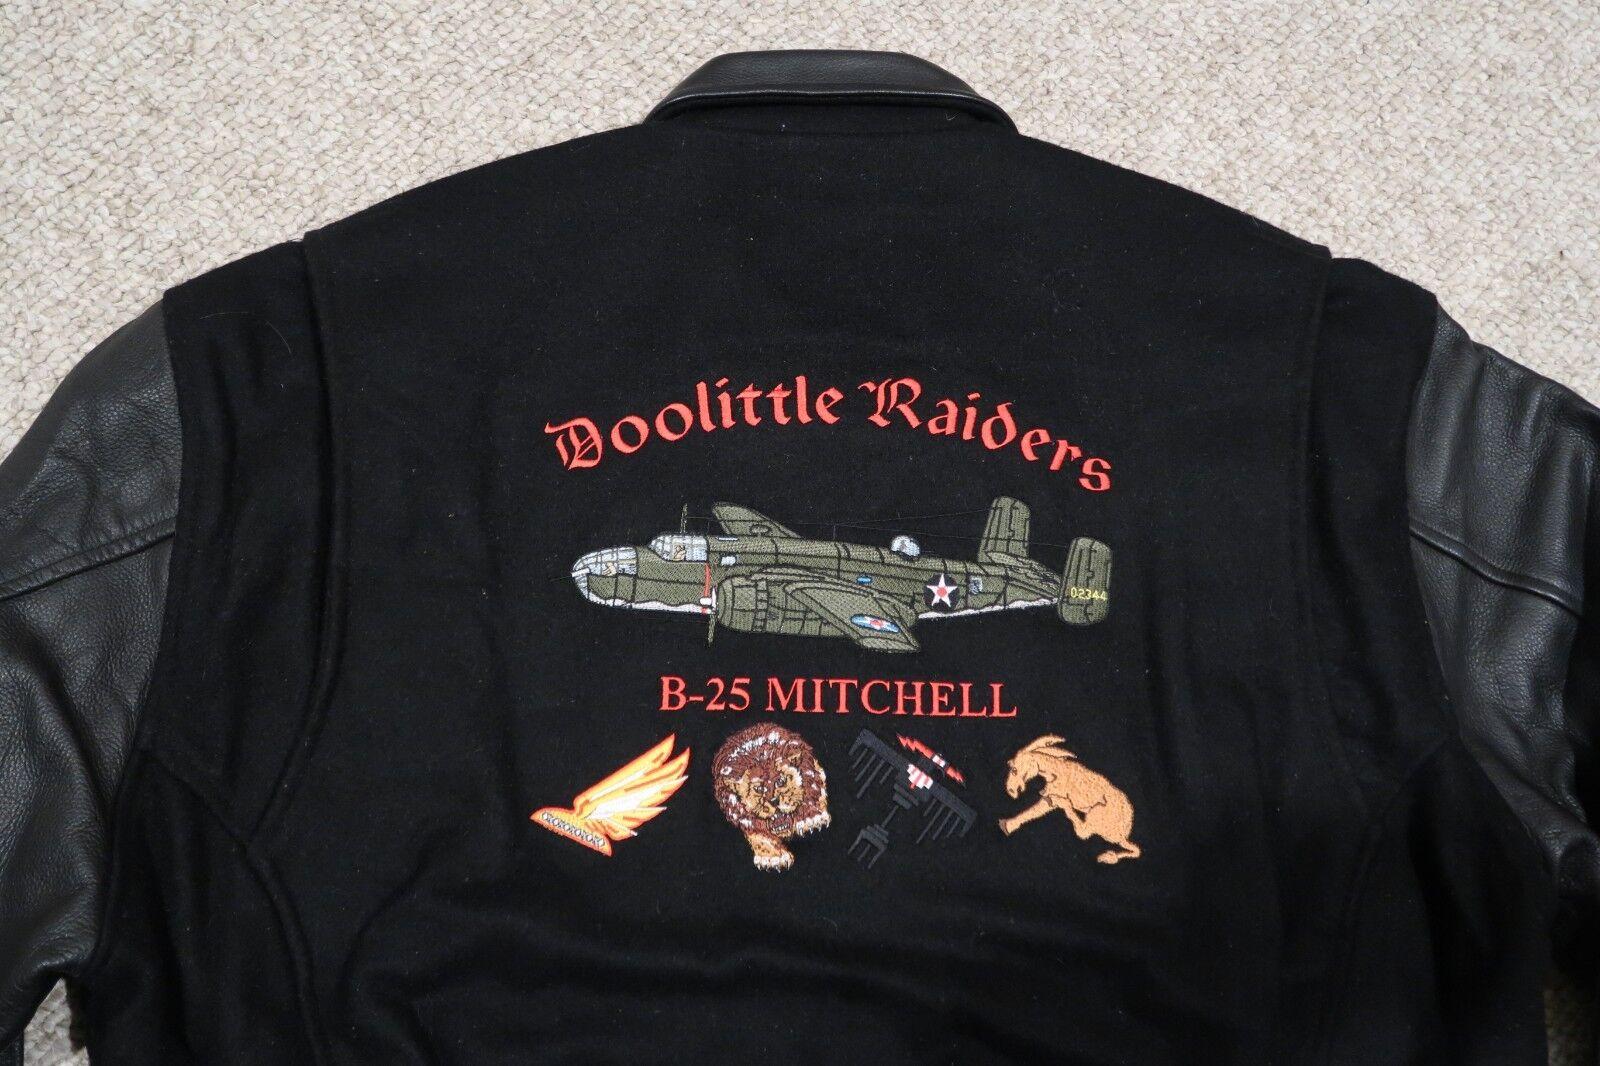 LETTERMAN BLK XL JKT DOOLITTLE 62ND REUNION 2004 B25 WWII